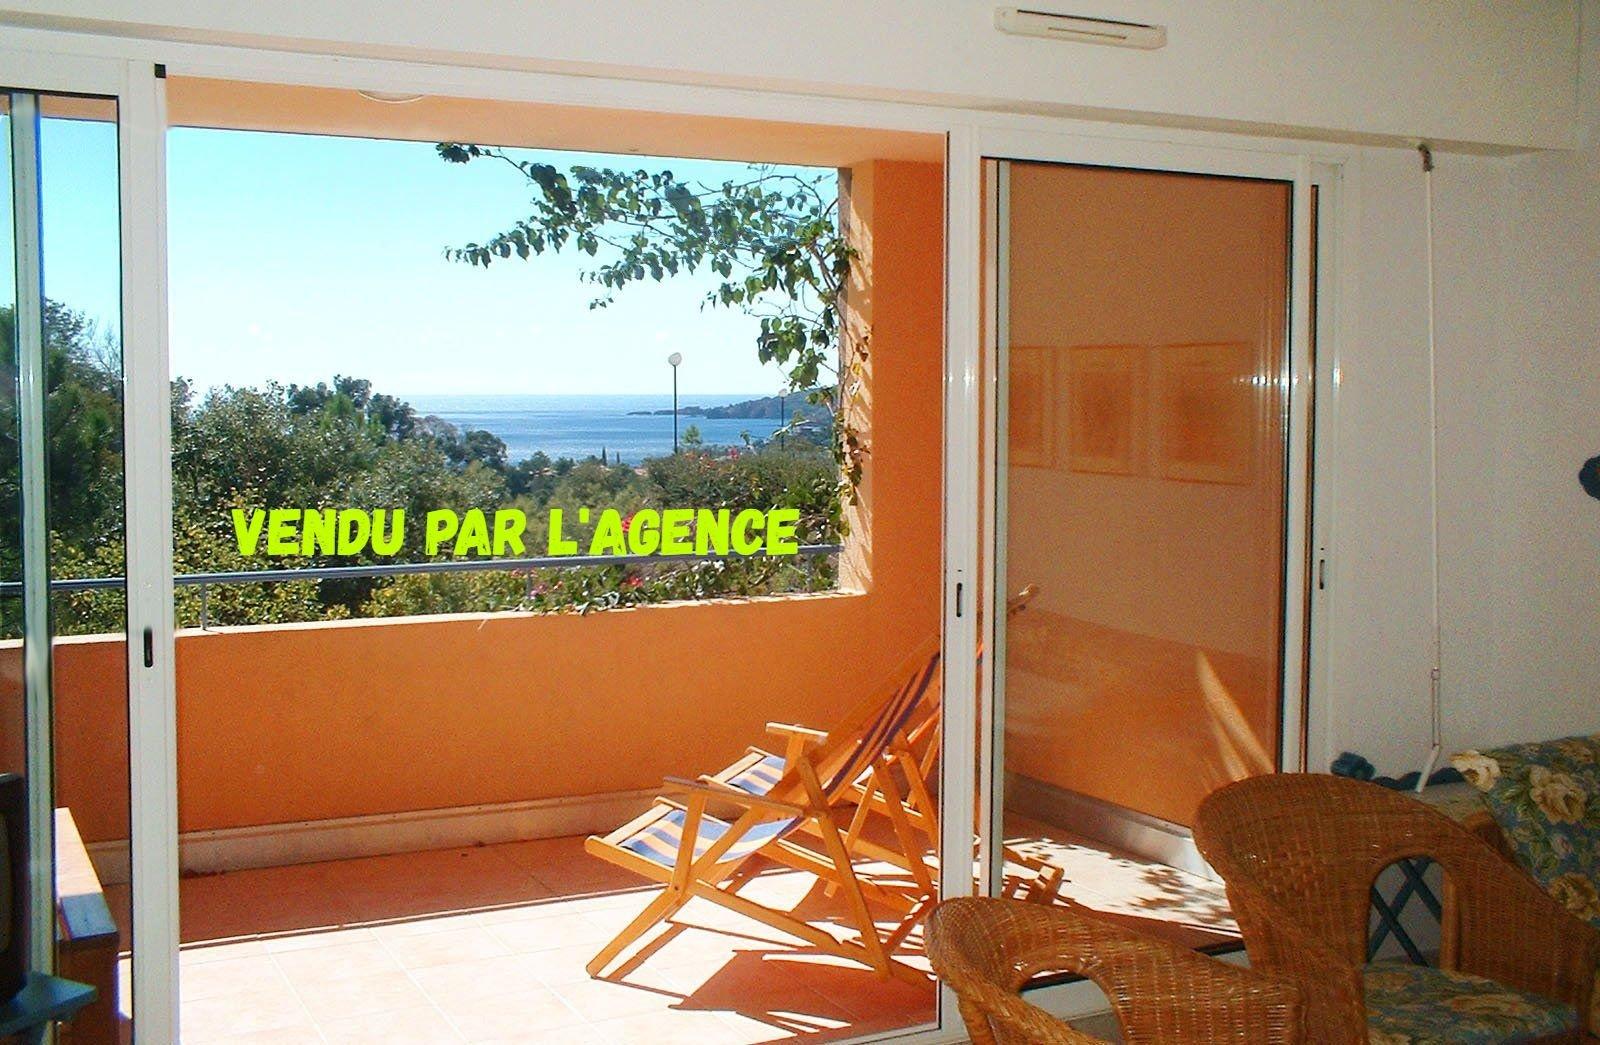 2-Zimmer-Apartment mit Meerblick in sehr gepflegter Residenz mit Überlauf-Pool.